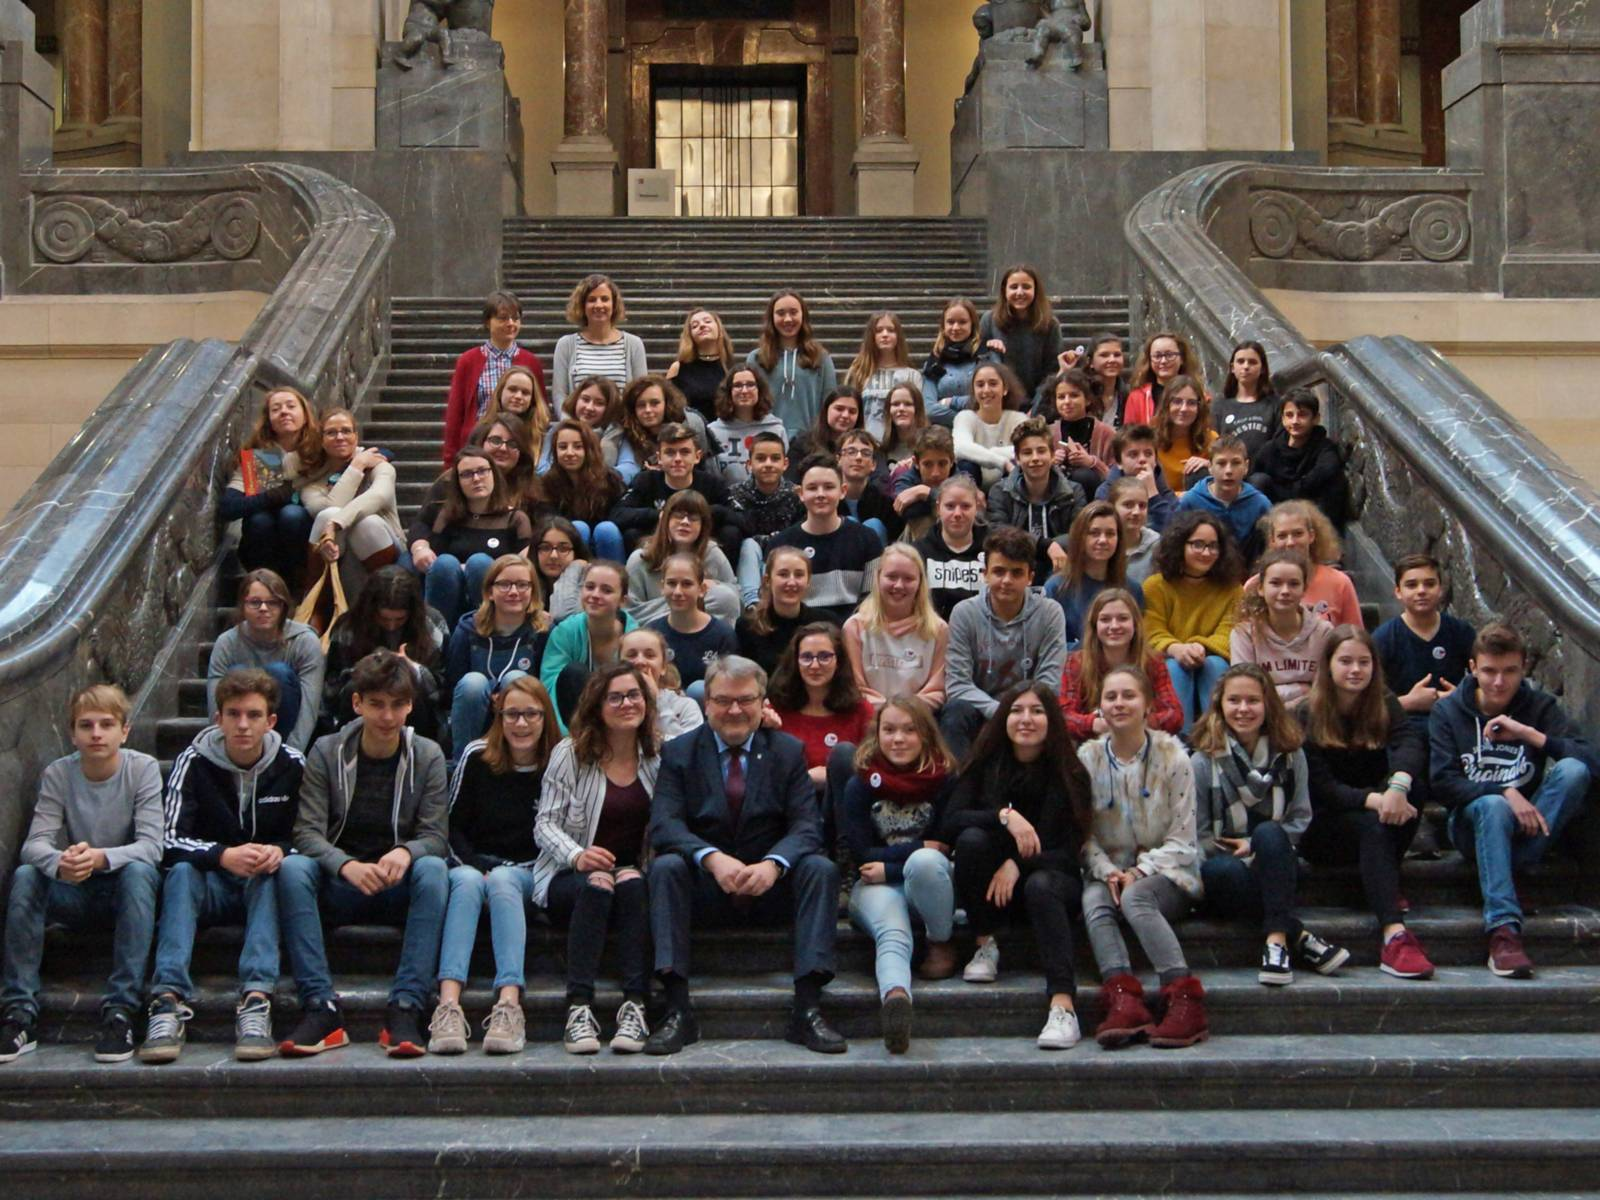 Besuchergruppe junge Leute auf einer Treppe sitzend in einer Halle.